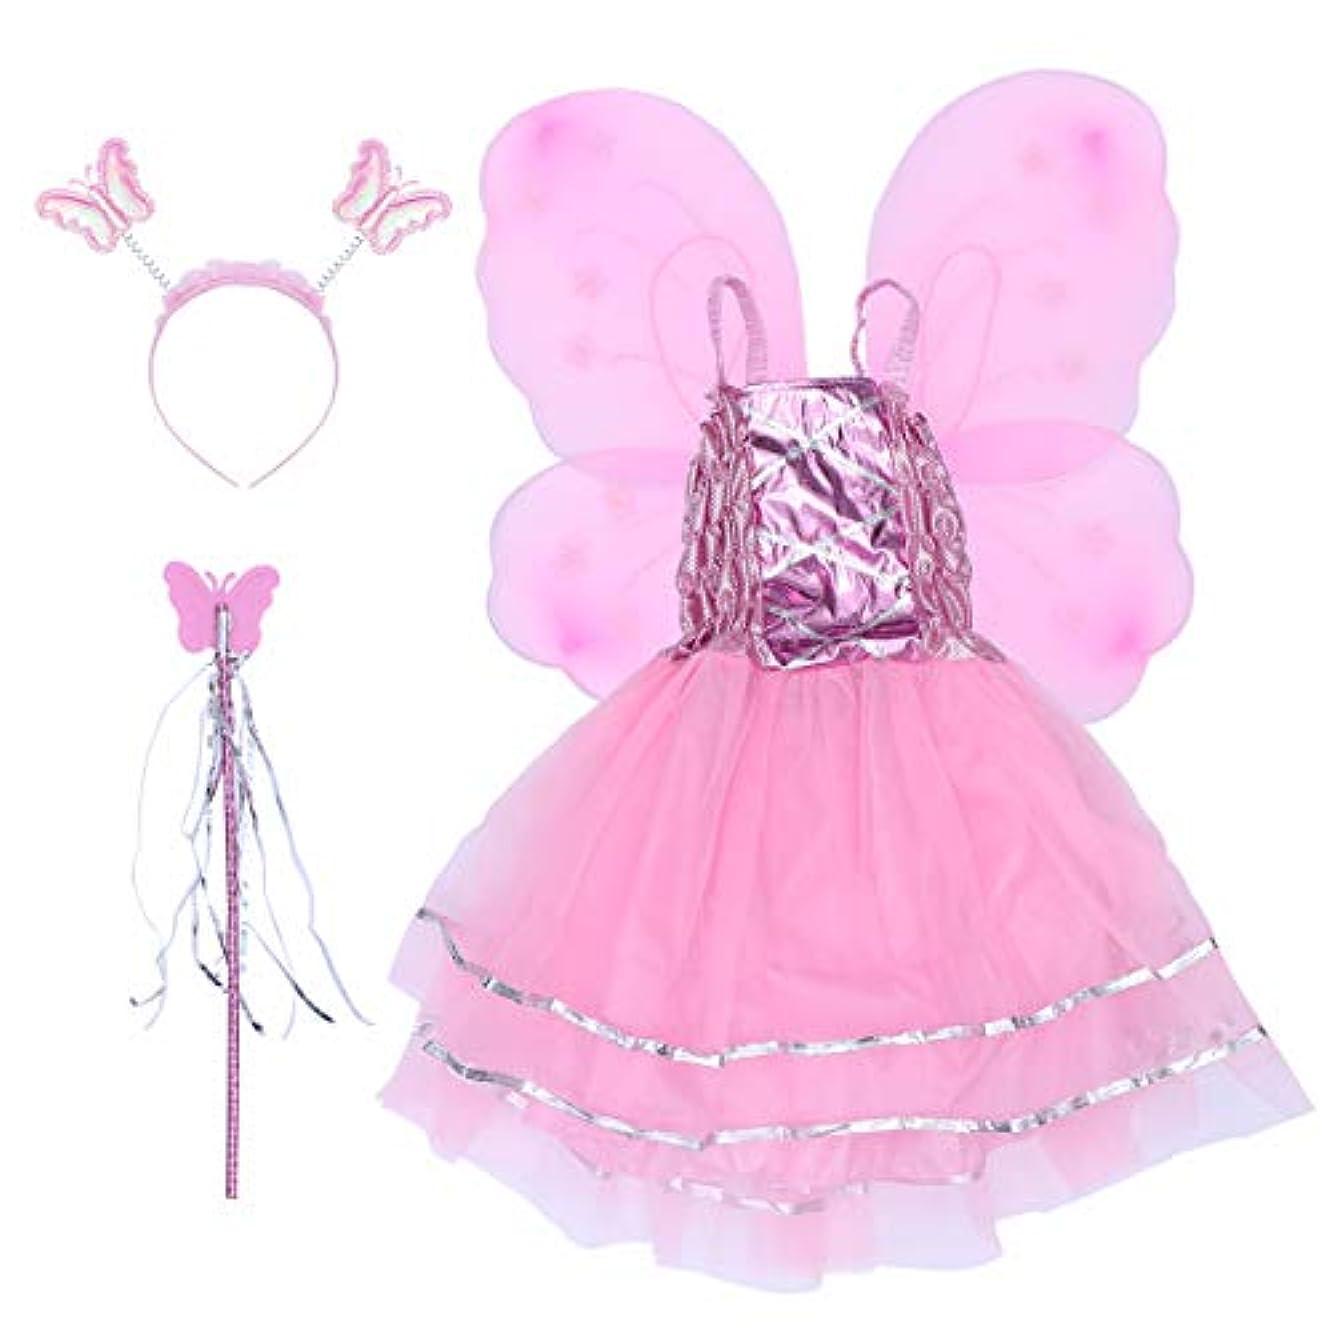 構造的型袋BESTOYARD 4本の女の子バタフライプリンセス妖精のコスチュームセットバタフライウィング、ワンド、ヘッドバンドとツツードレス(ピンク)